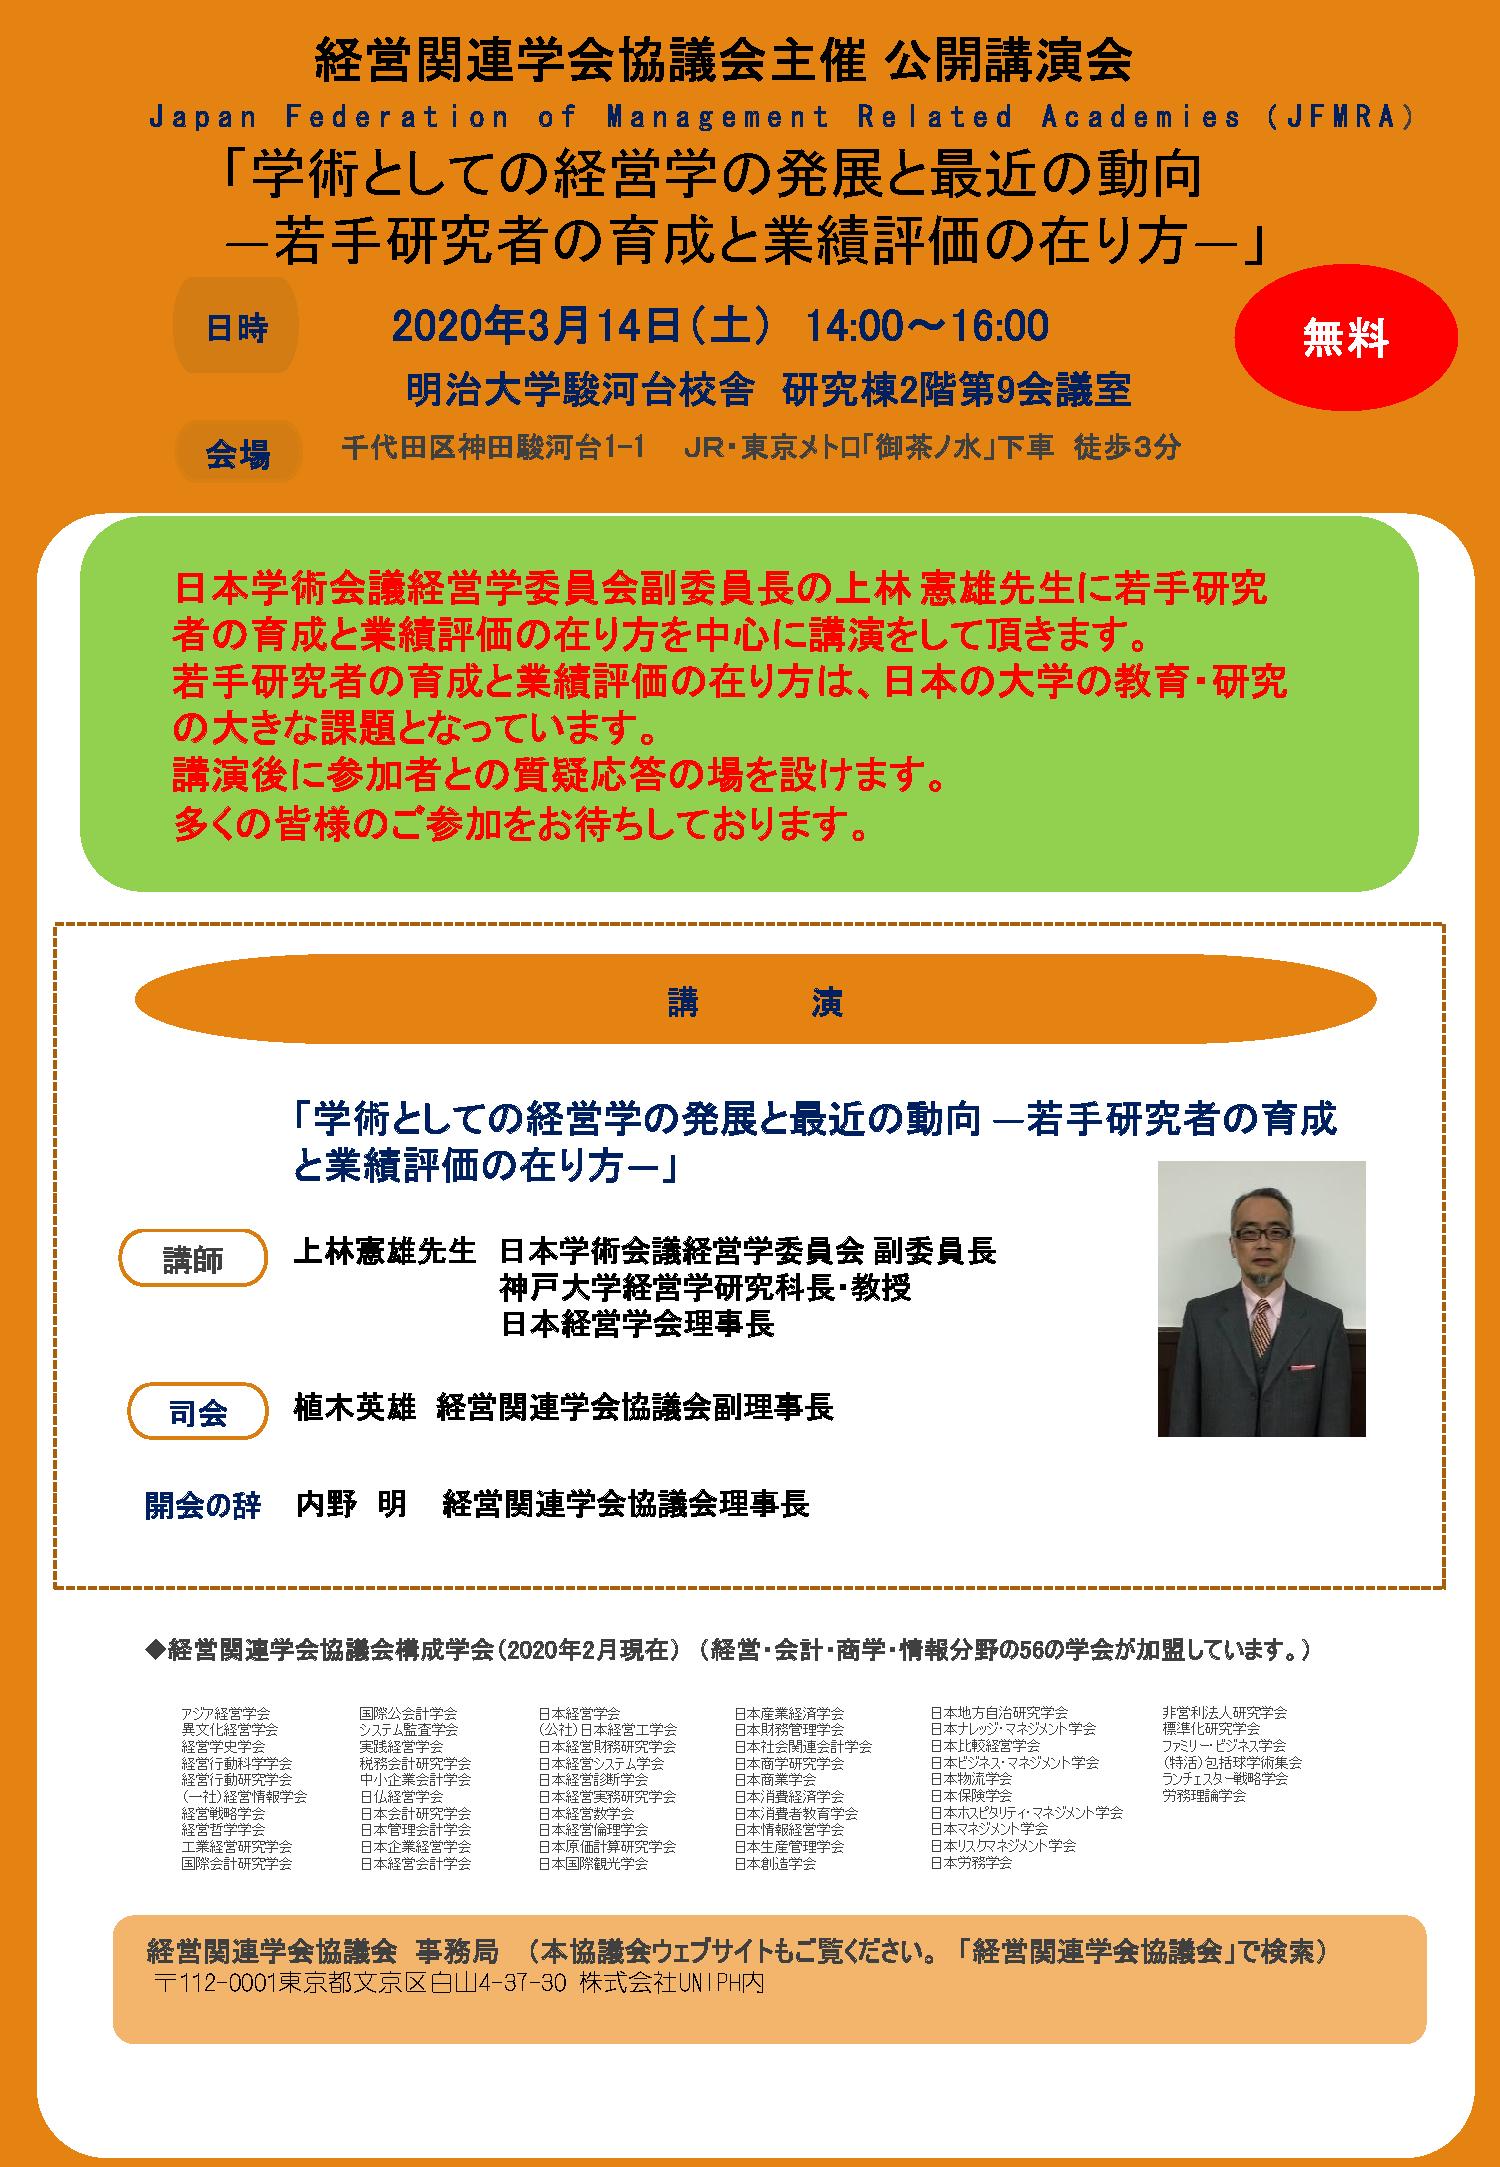 2020年3月14日(土)公開講演会